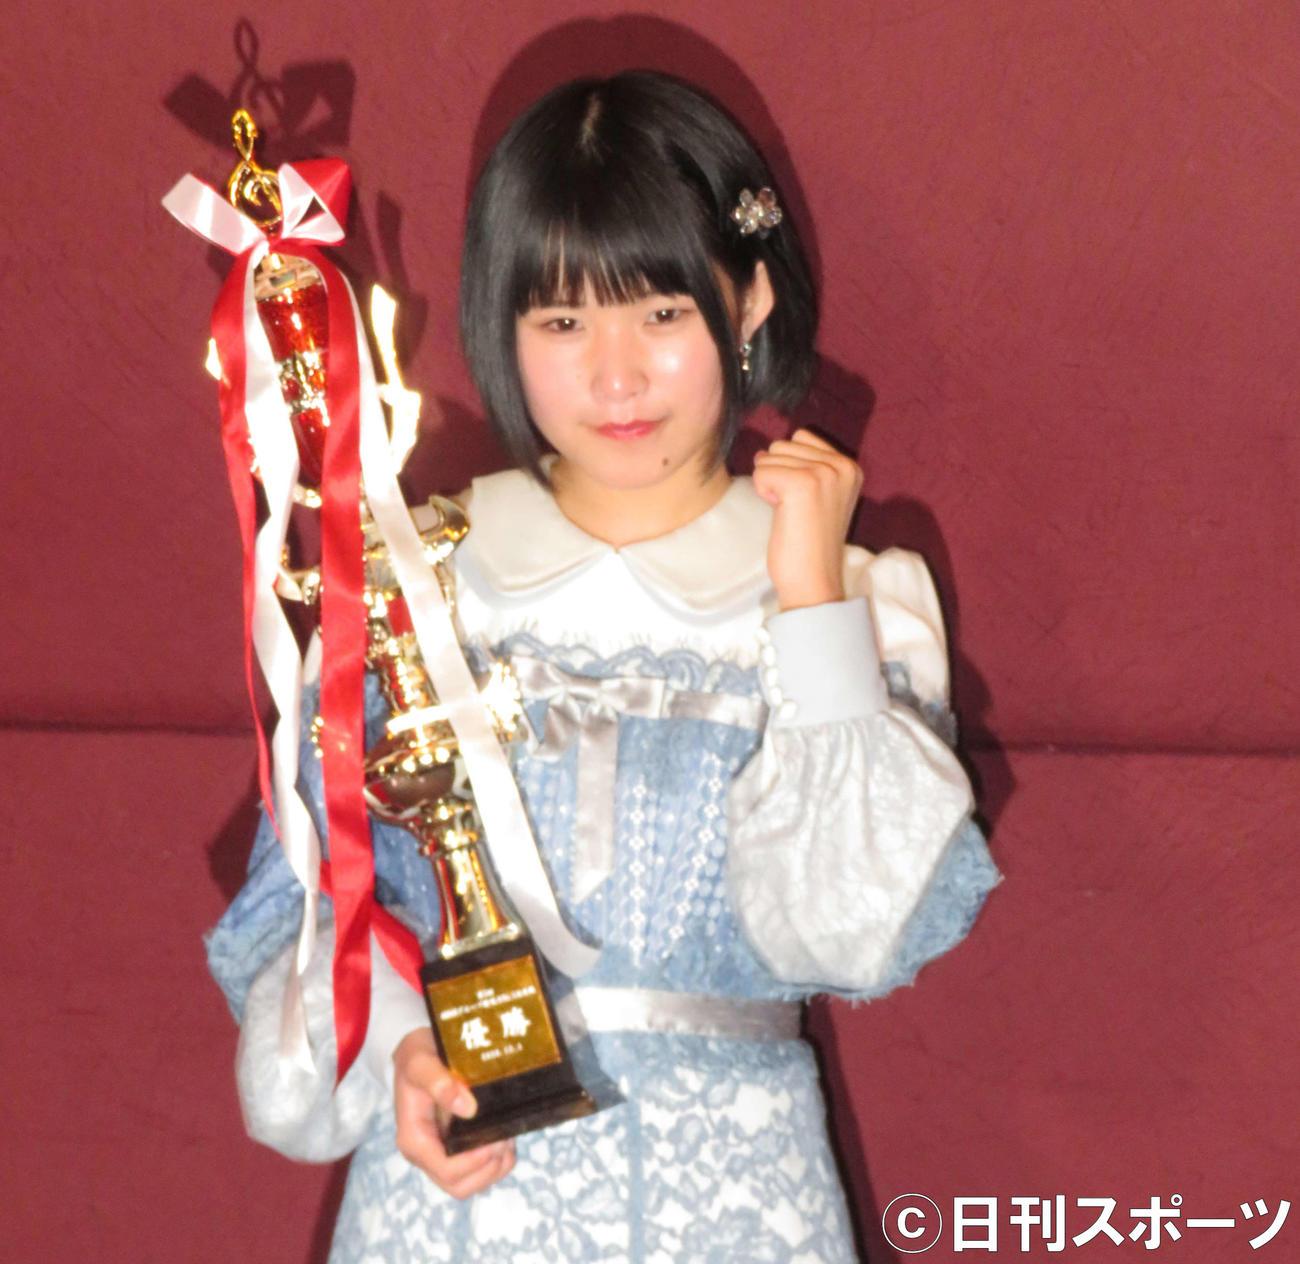 「第3回AKB48グループ歌唱力No.1決定戦」で優勝したSTU48池田裕楽